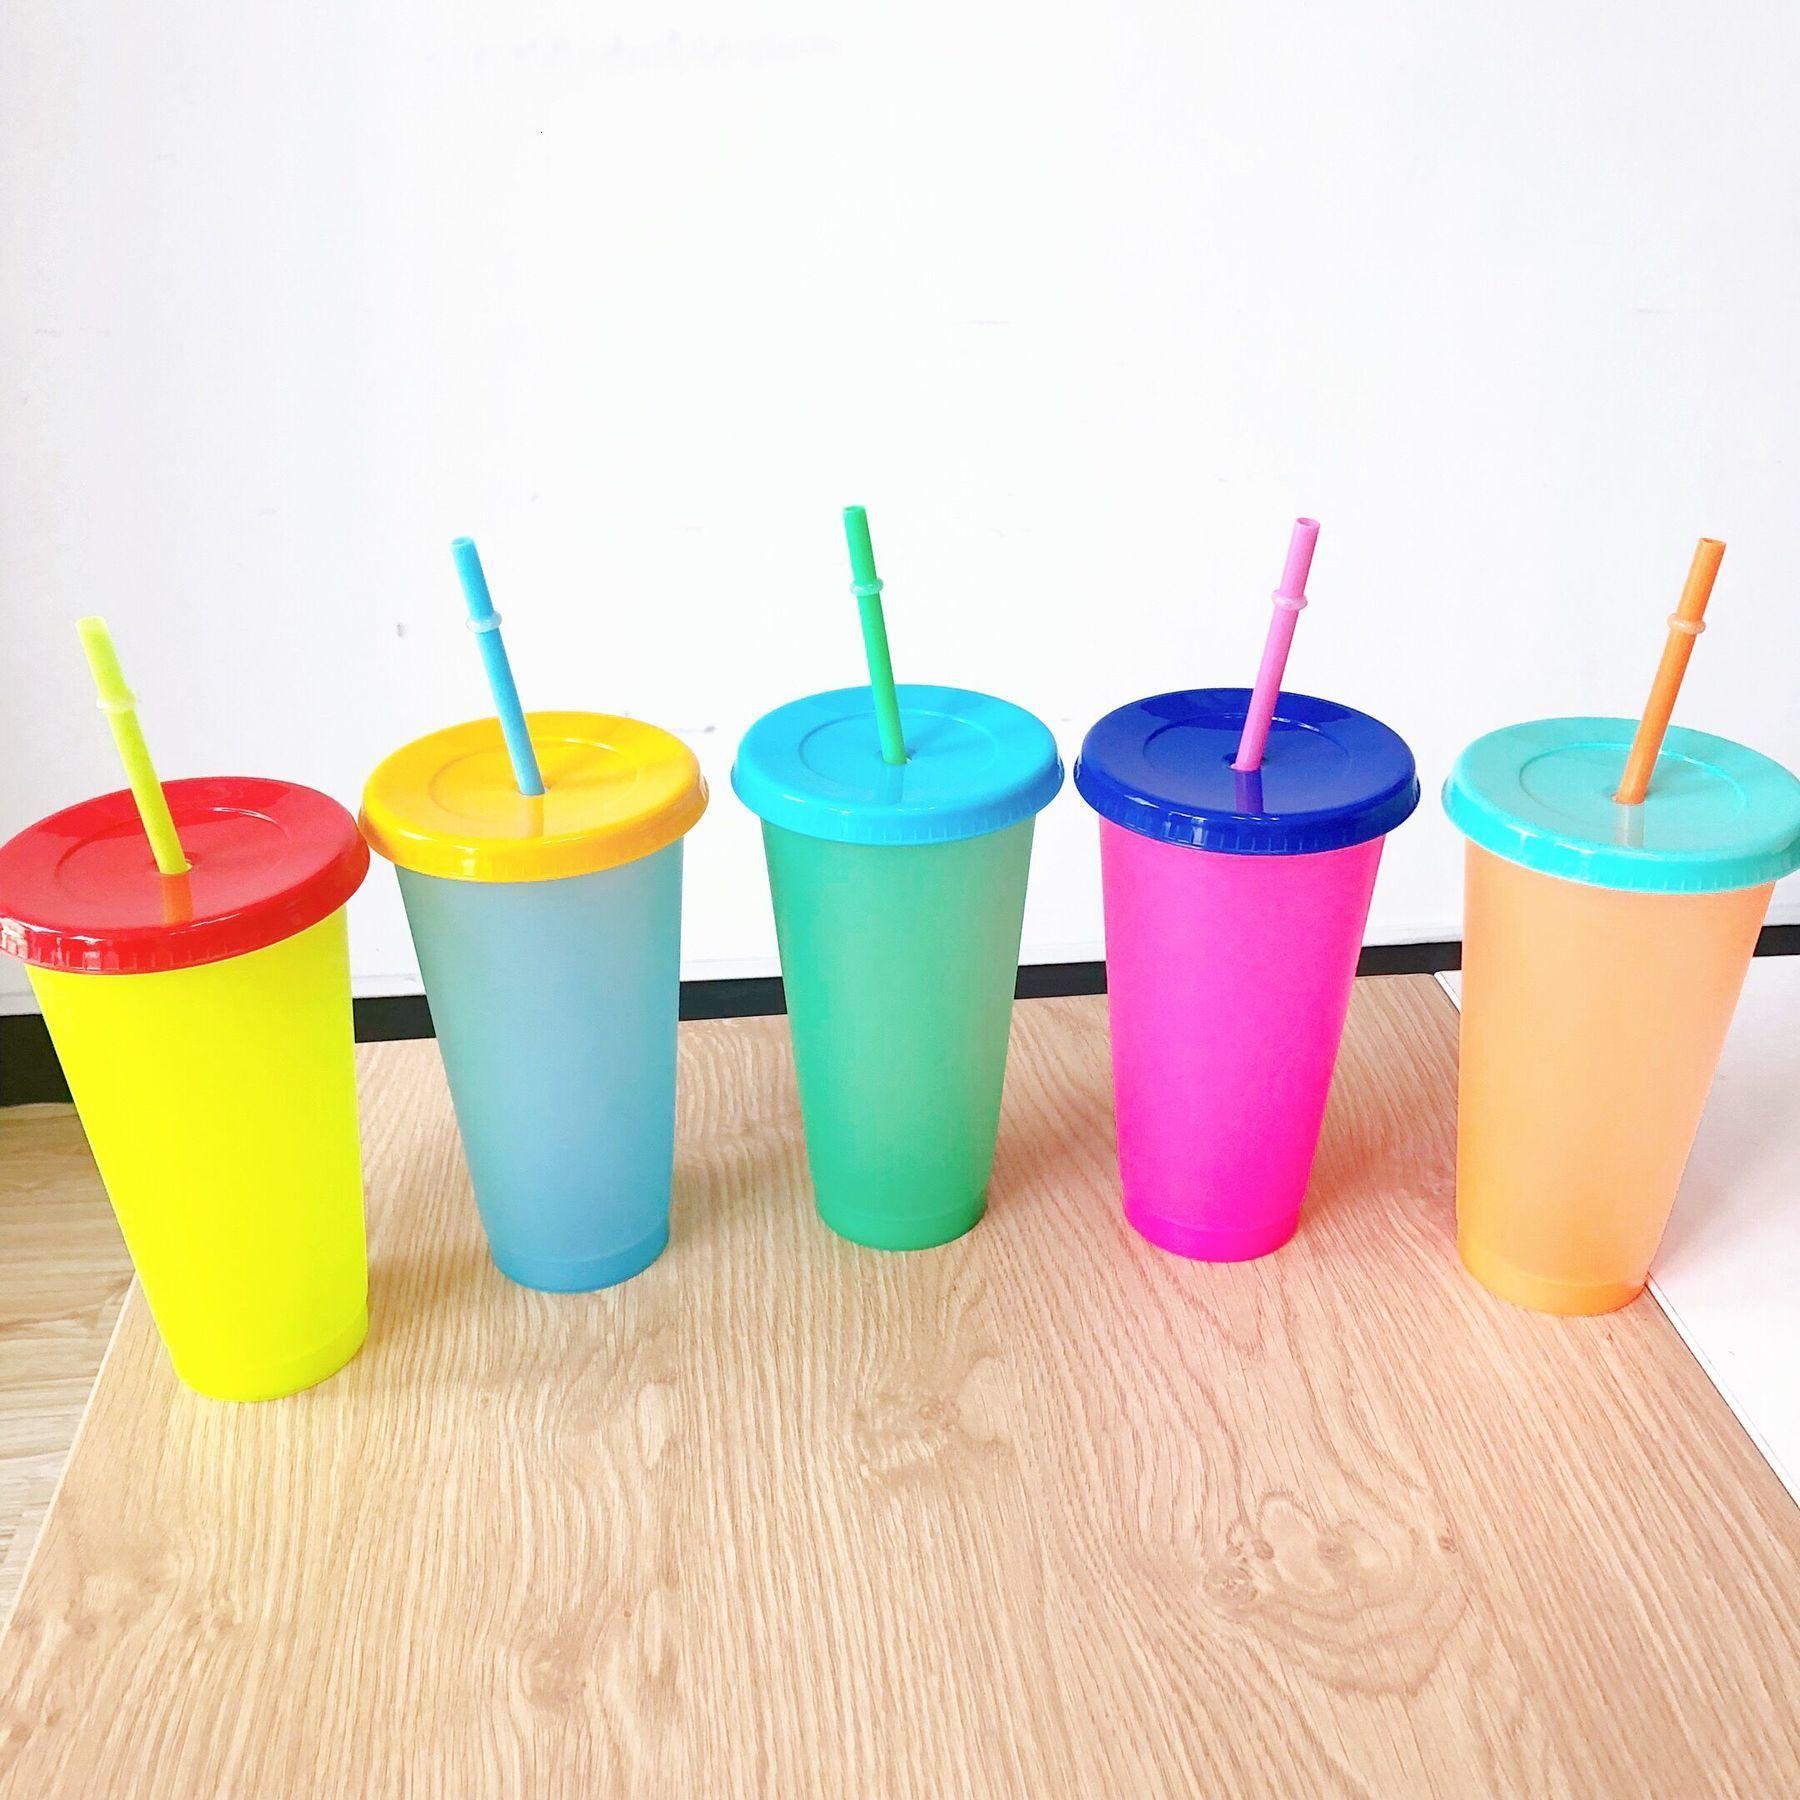 700ml Farbwechselbecher Magie Kunststoff Trinken Tumbler Tasse mit Deckel Stroh Süßigkeiten Farben Wiederverwendbare Kaltgetränke Wasserflasche Kaffeetasse Ahrd